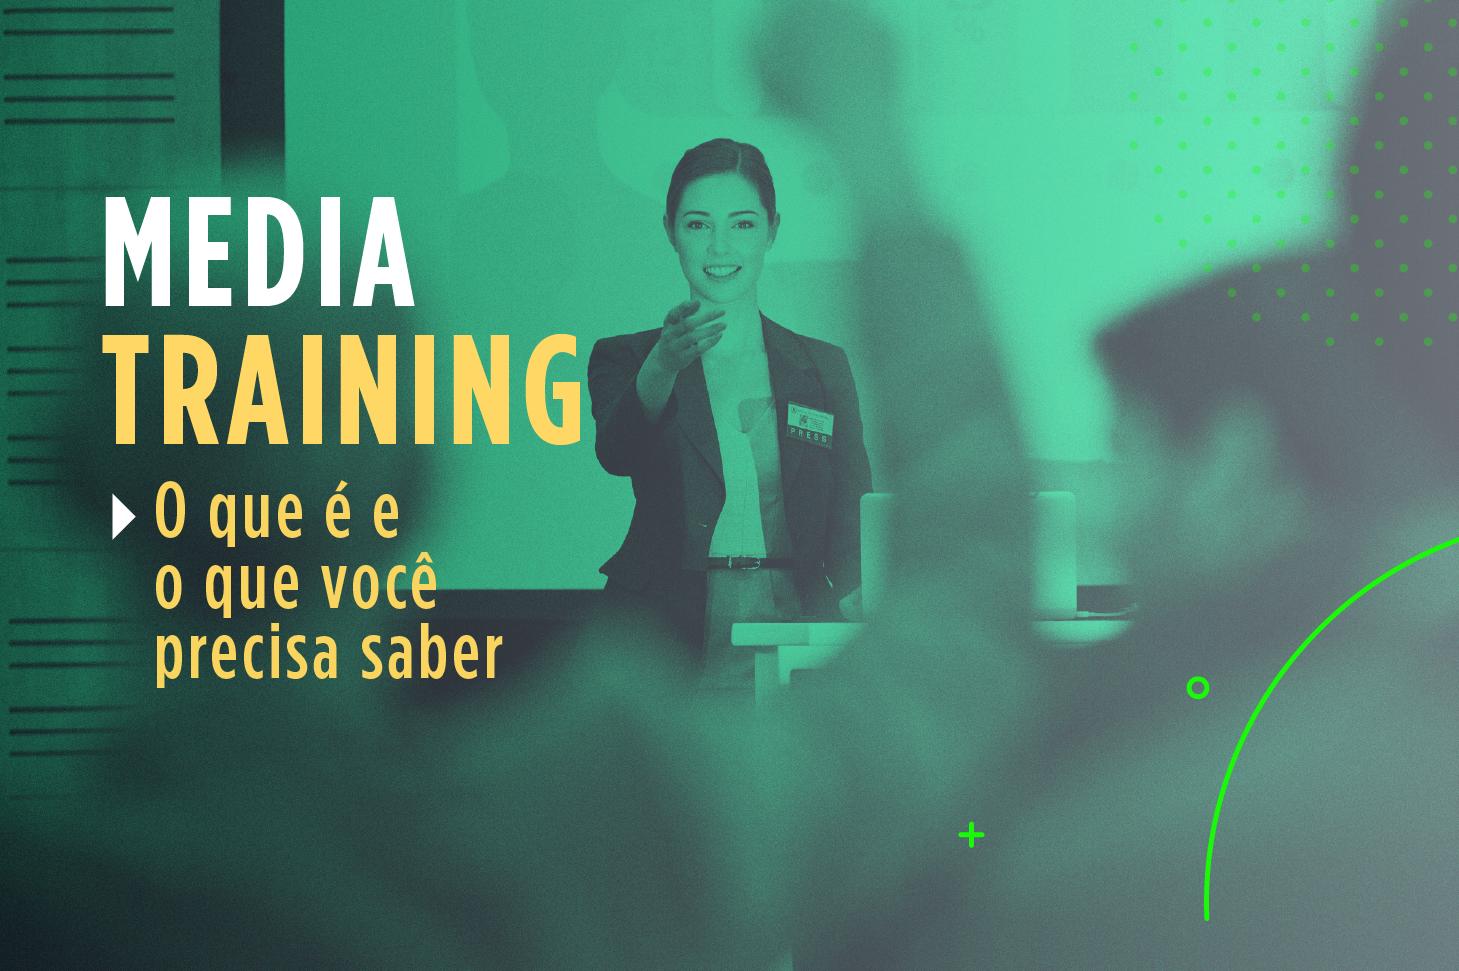 Media training: o que é e o que você precisa saber